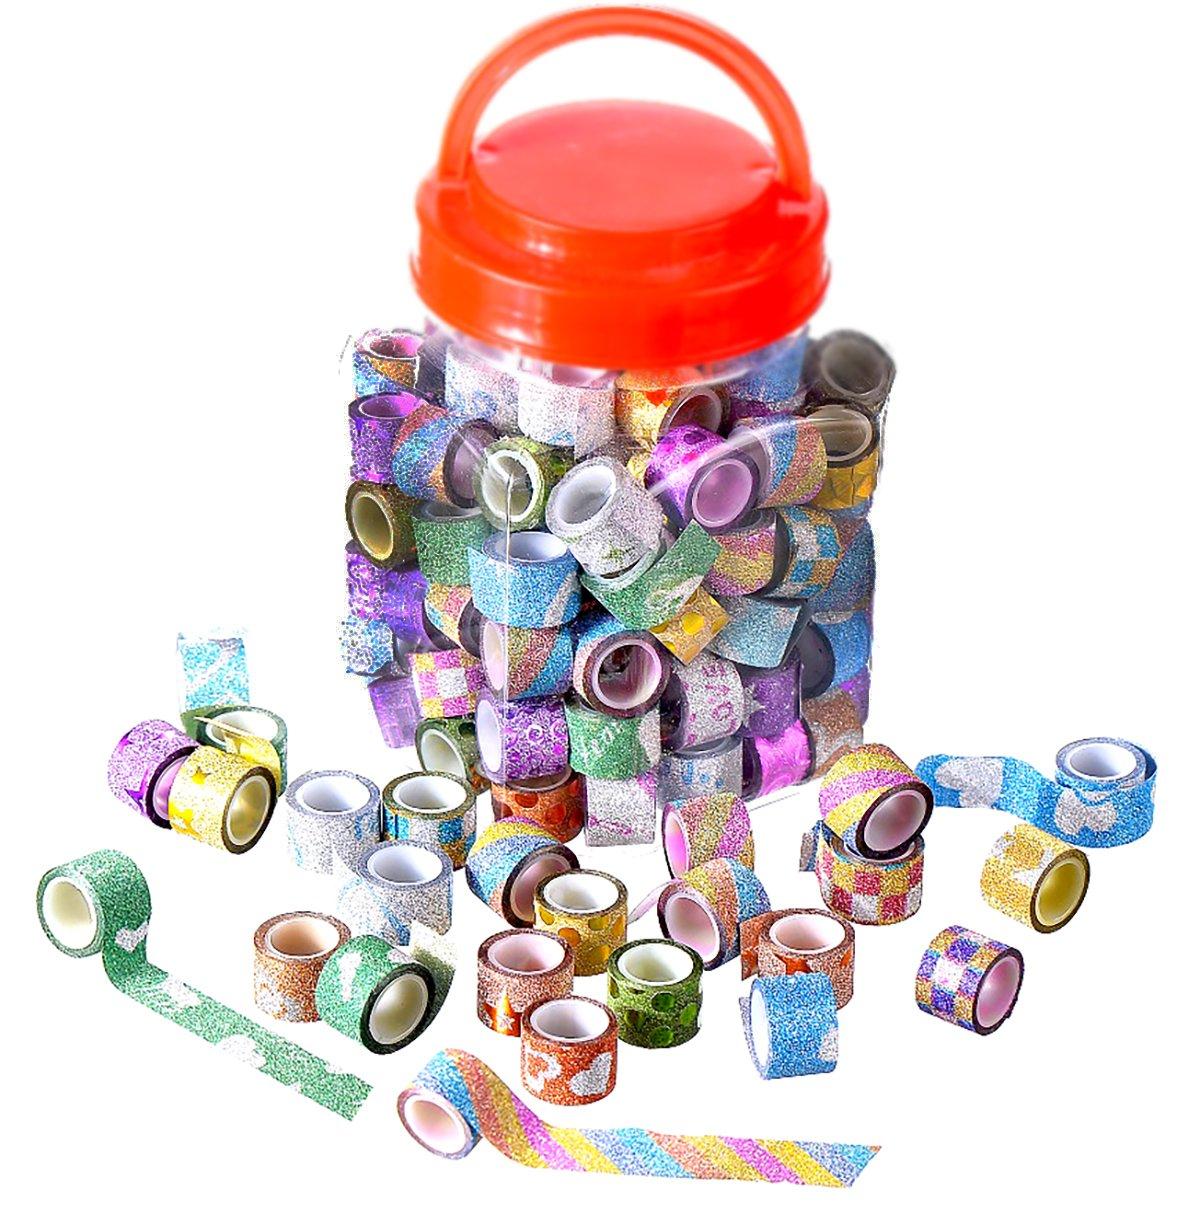 85/rotoli Washi tapes mini decorativo Washi per scrapbooking ufficio per feste e confezione regalo